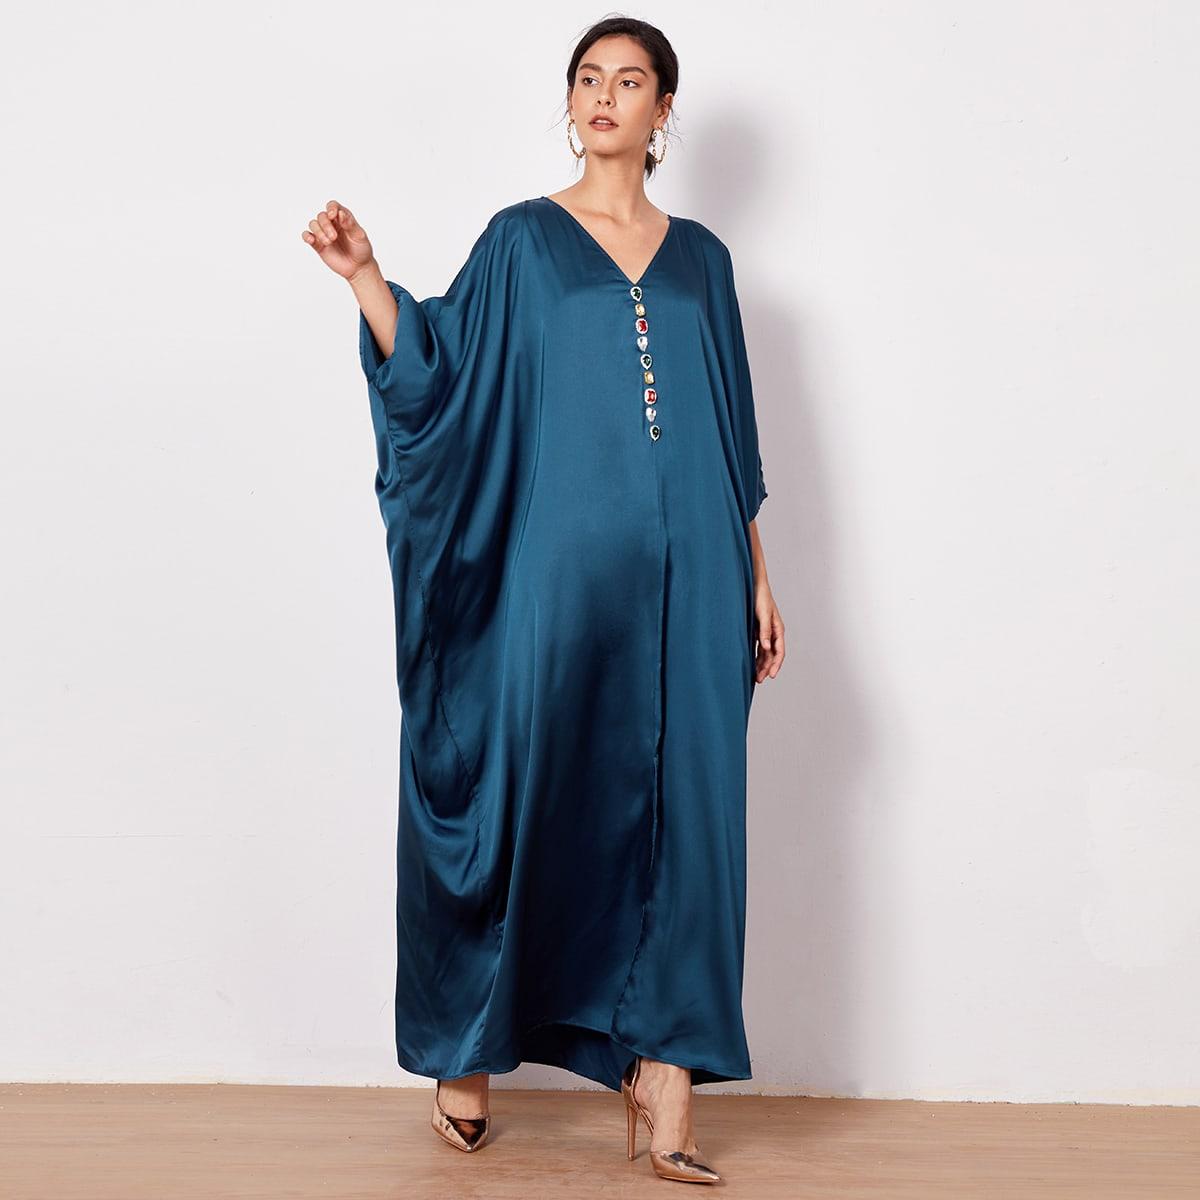 Атласное платье с разрезом, стразами и оригинальным рукавом